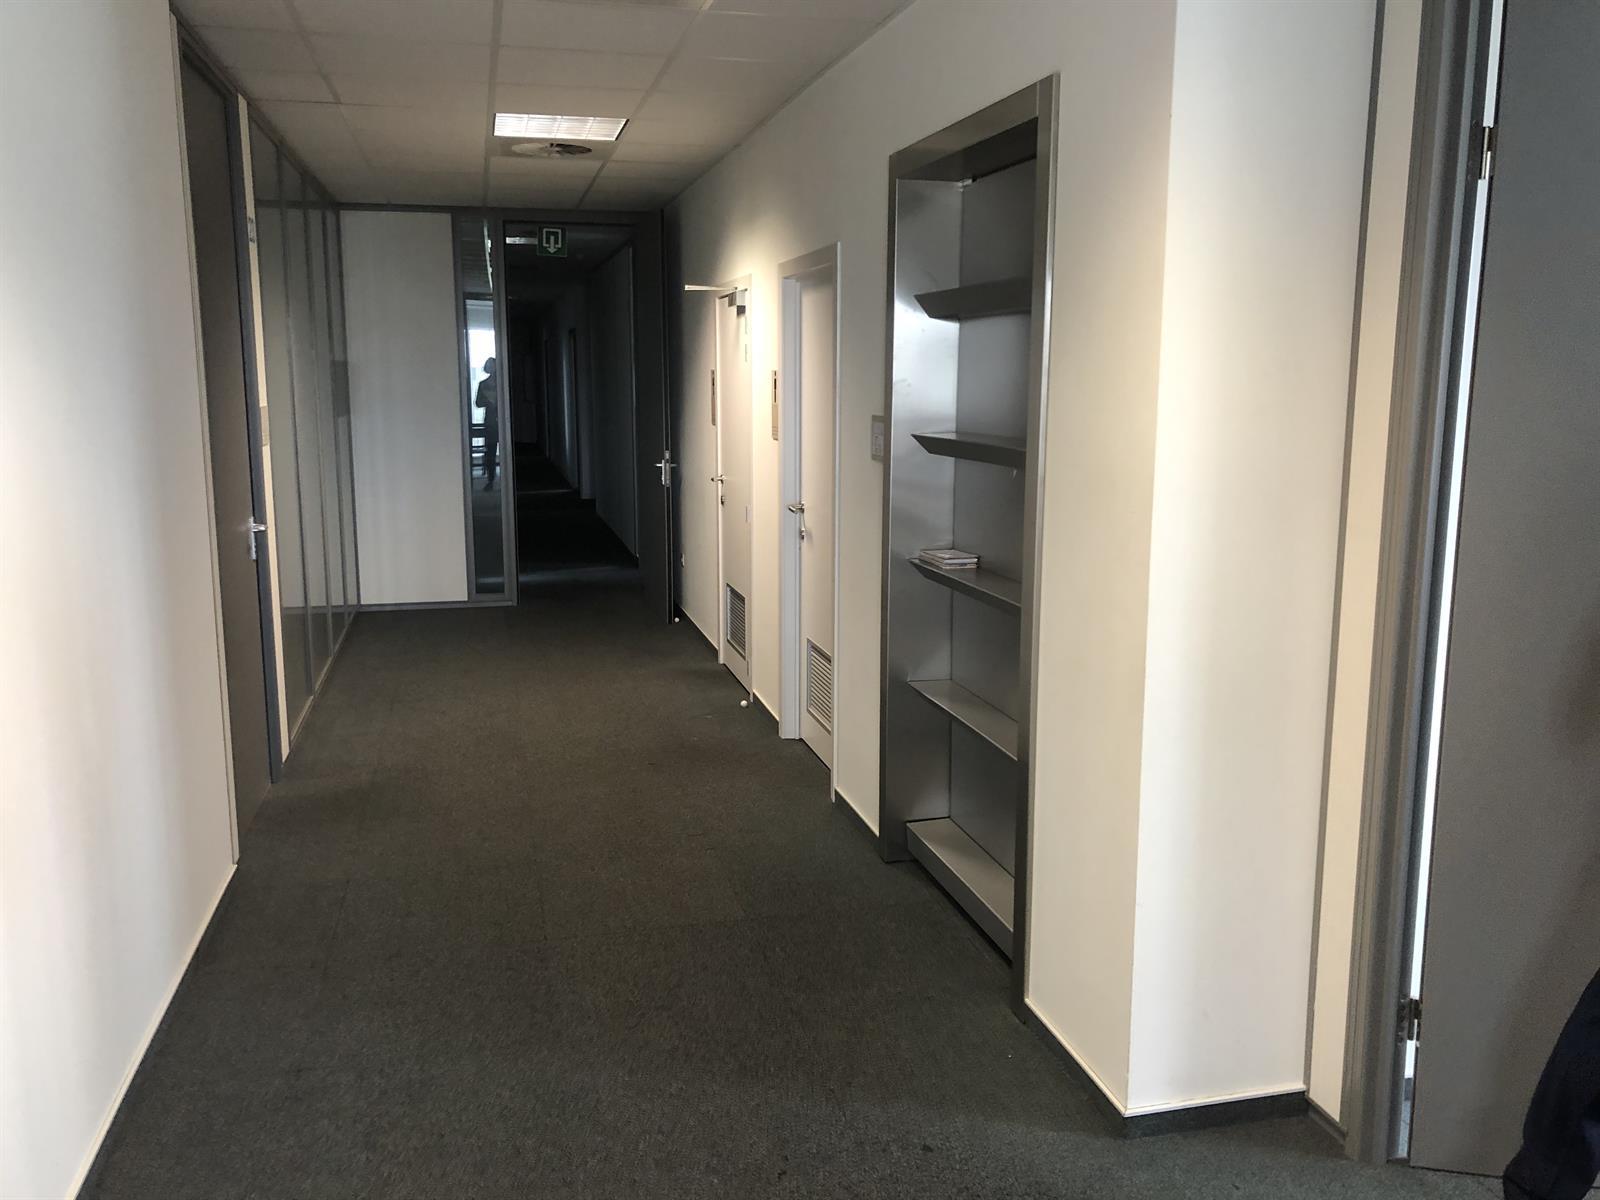 kantoor te huur I168 - Saffierstraat 5, 2200 Herentals, België 4